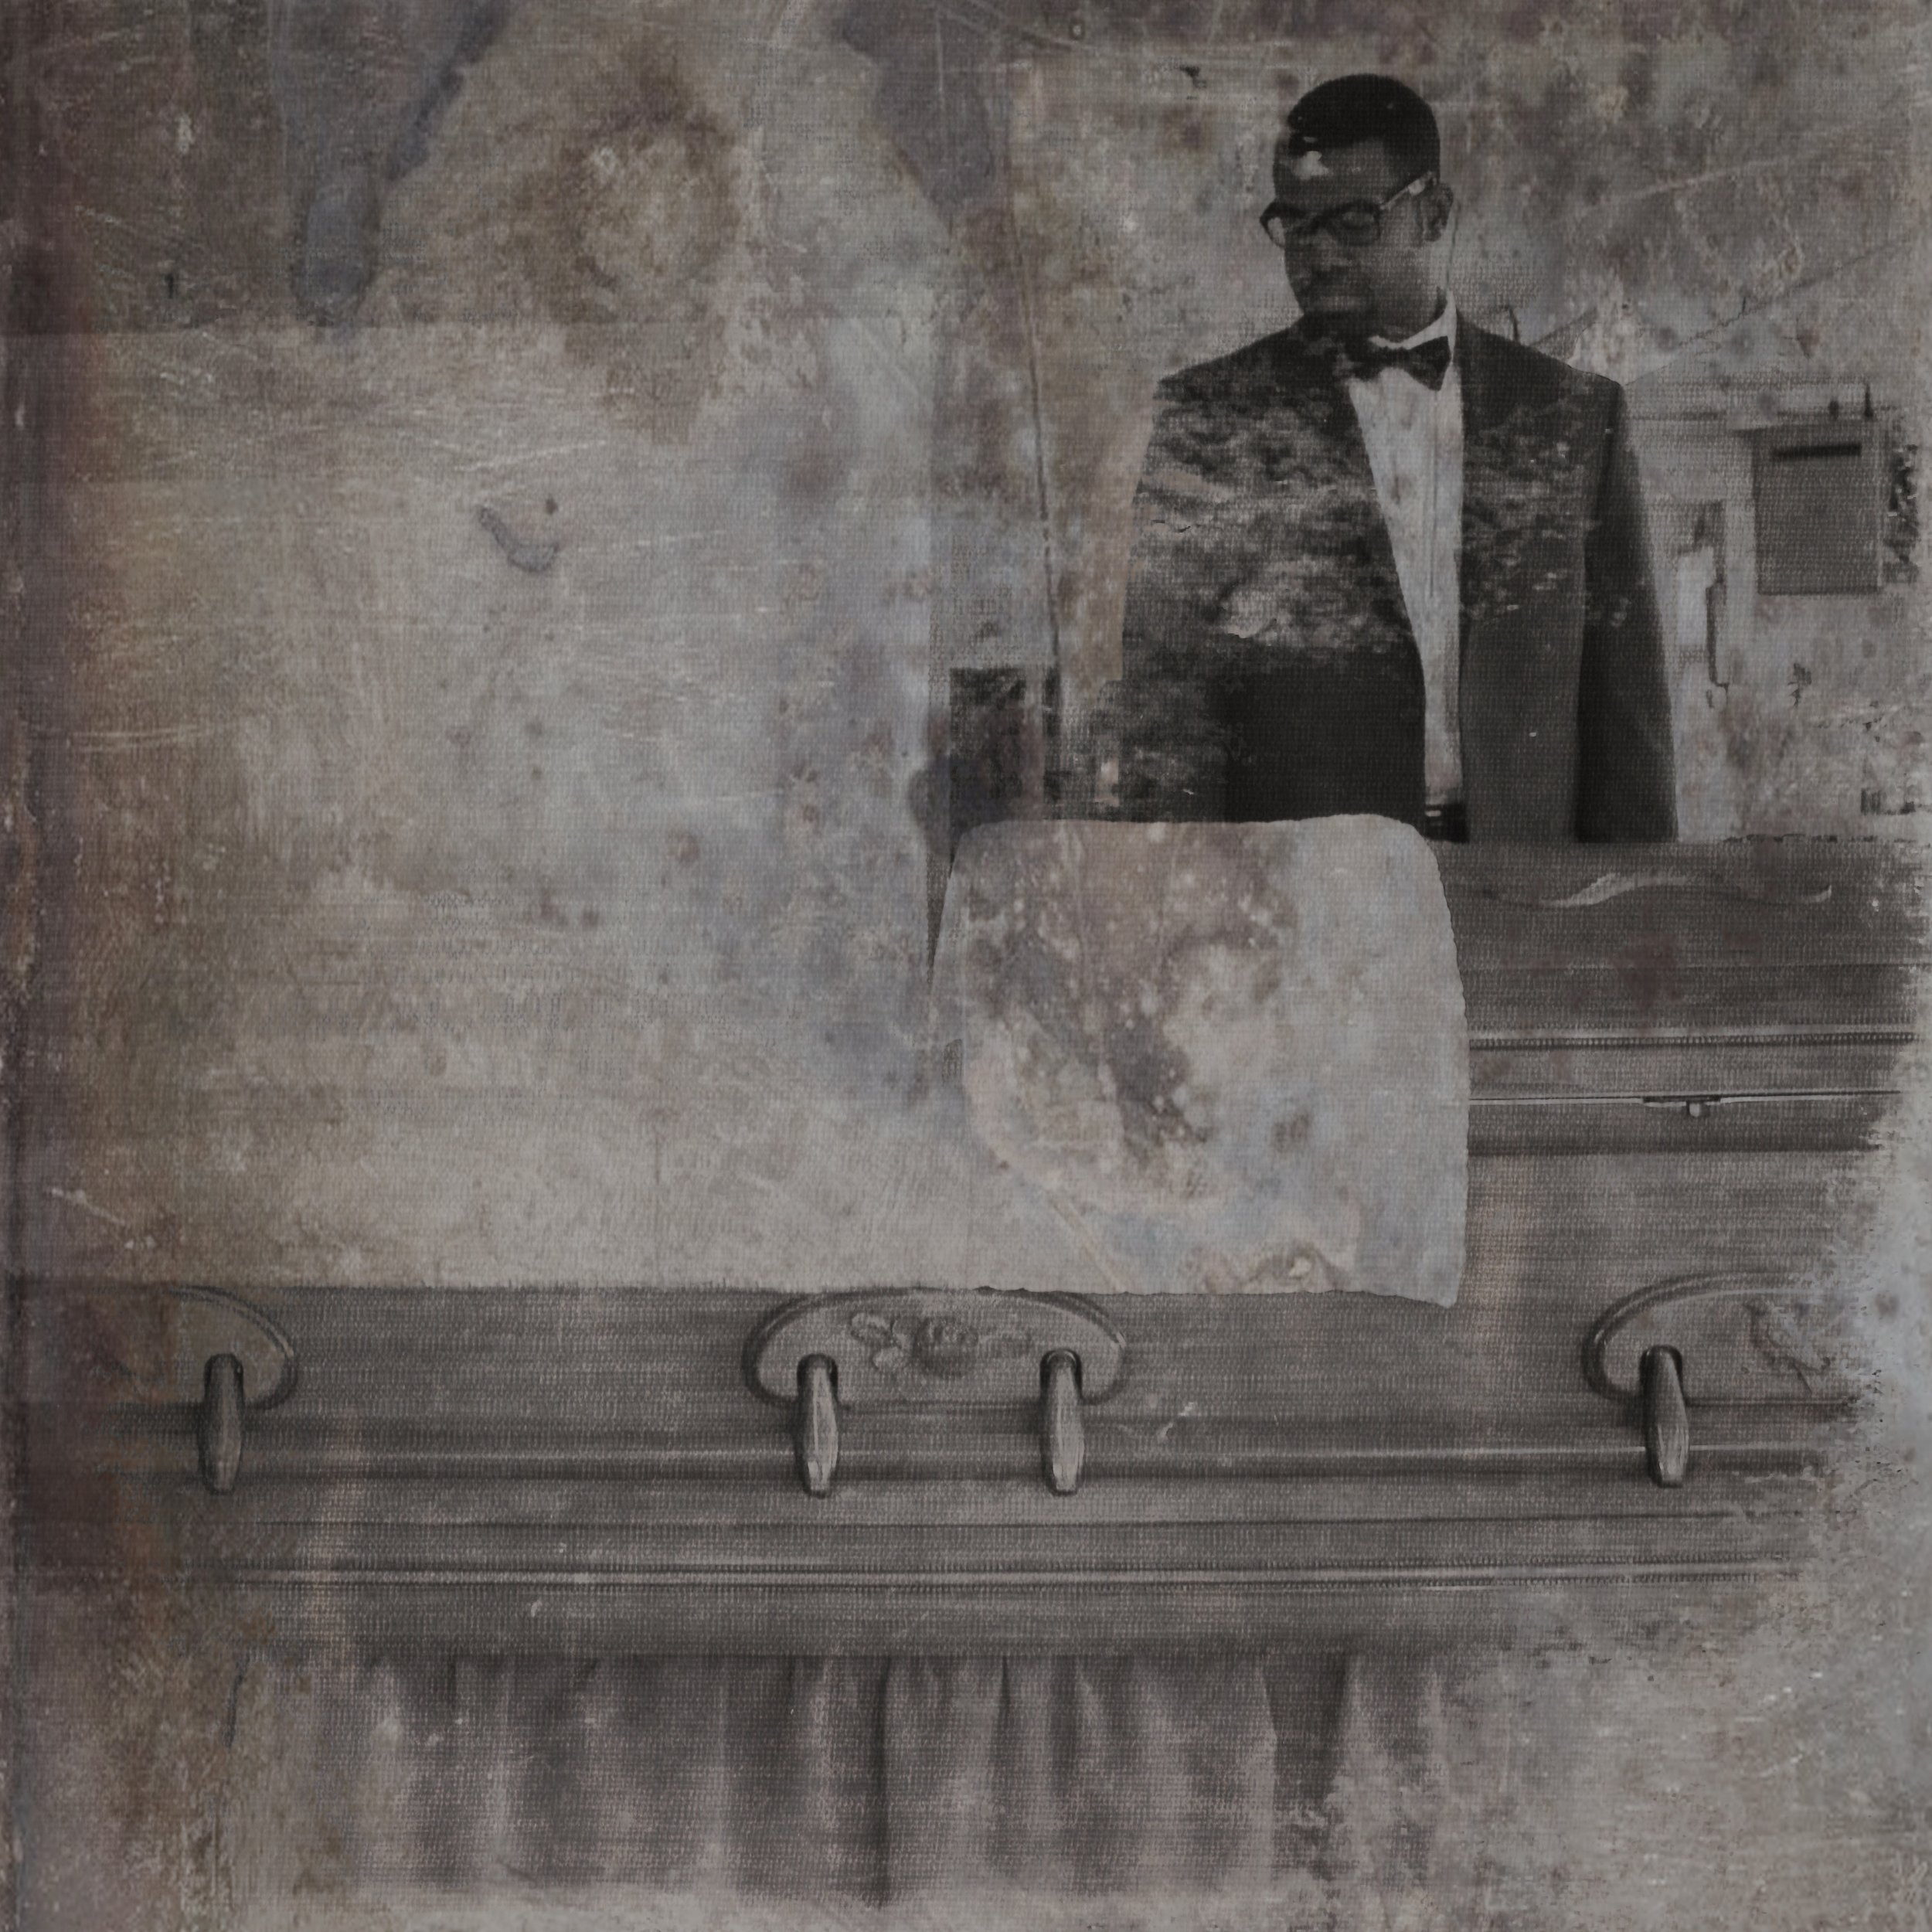 z+casket mws 01.jpg